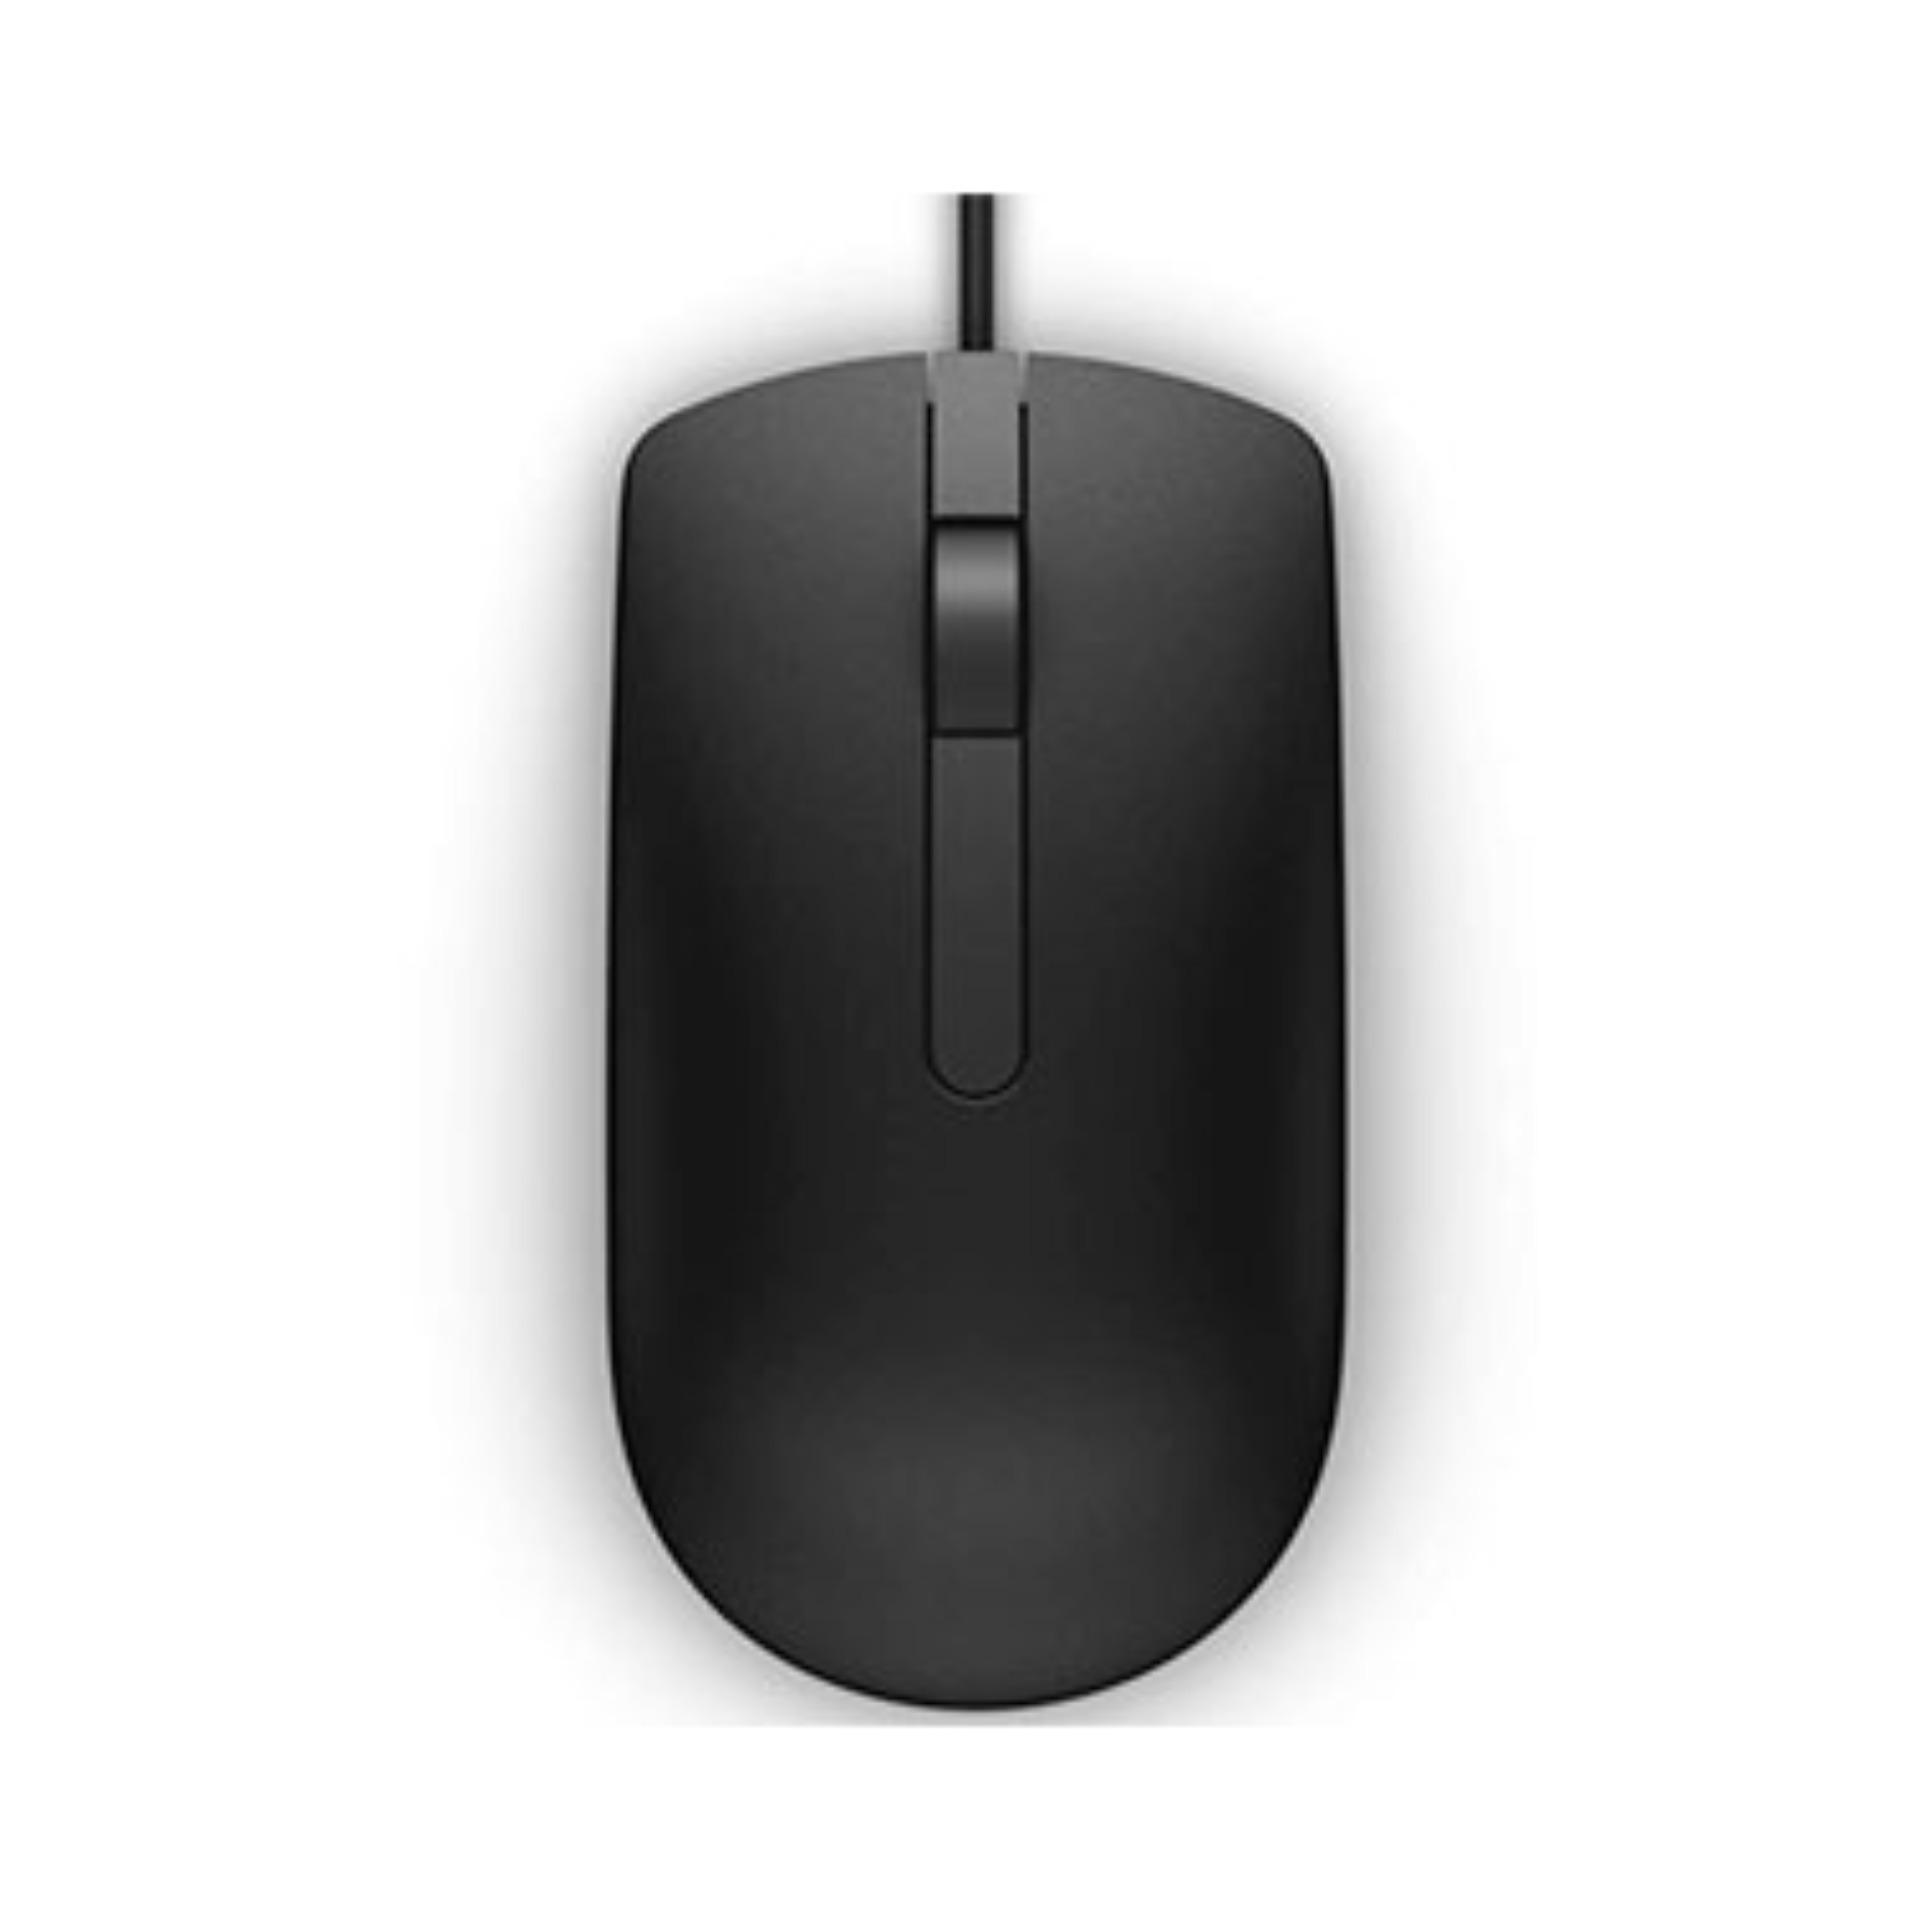 Dell Optical Mouse  MS16 Black - Hàng Chính Hãng